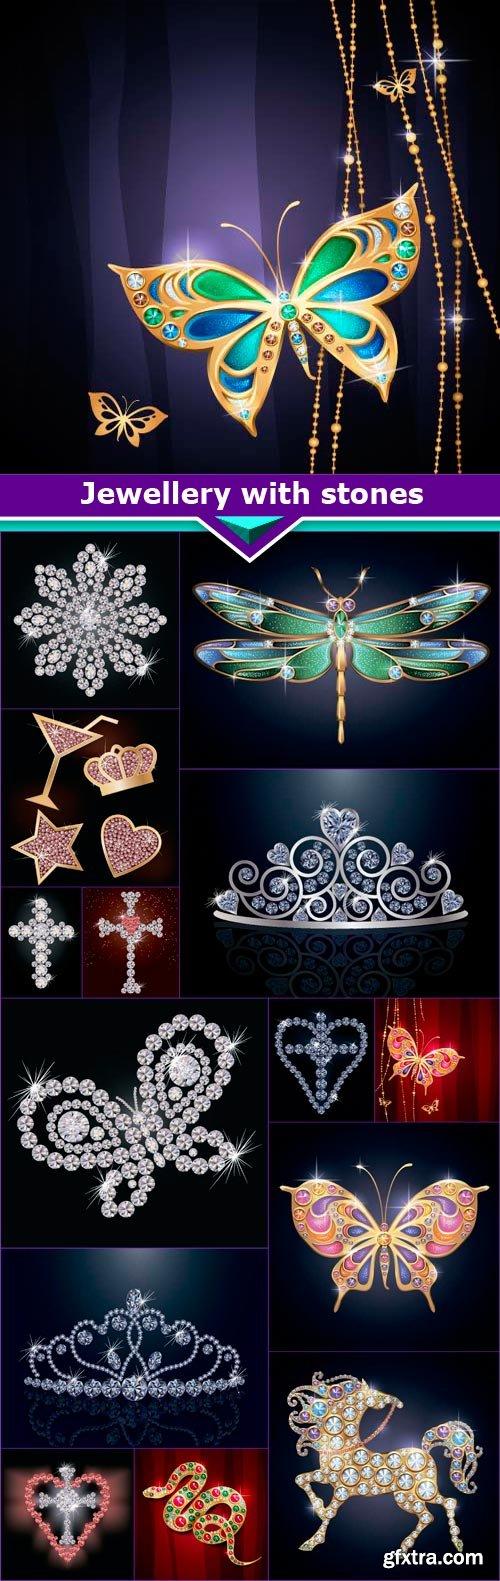 Jewellery with stones 15x EPS